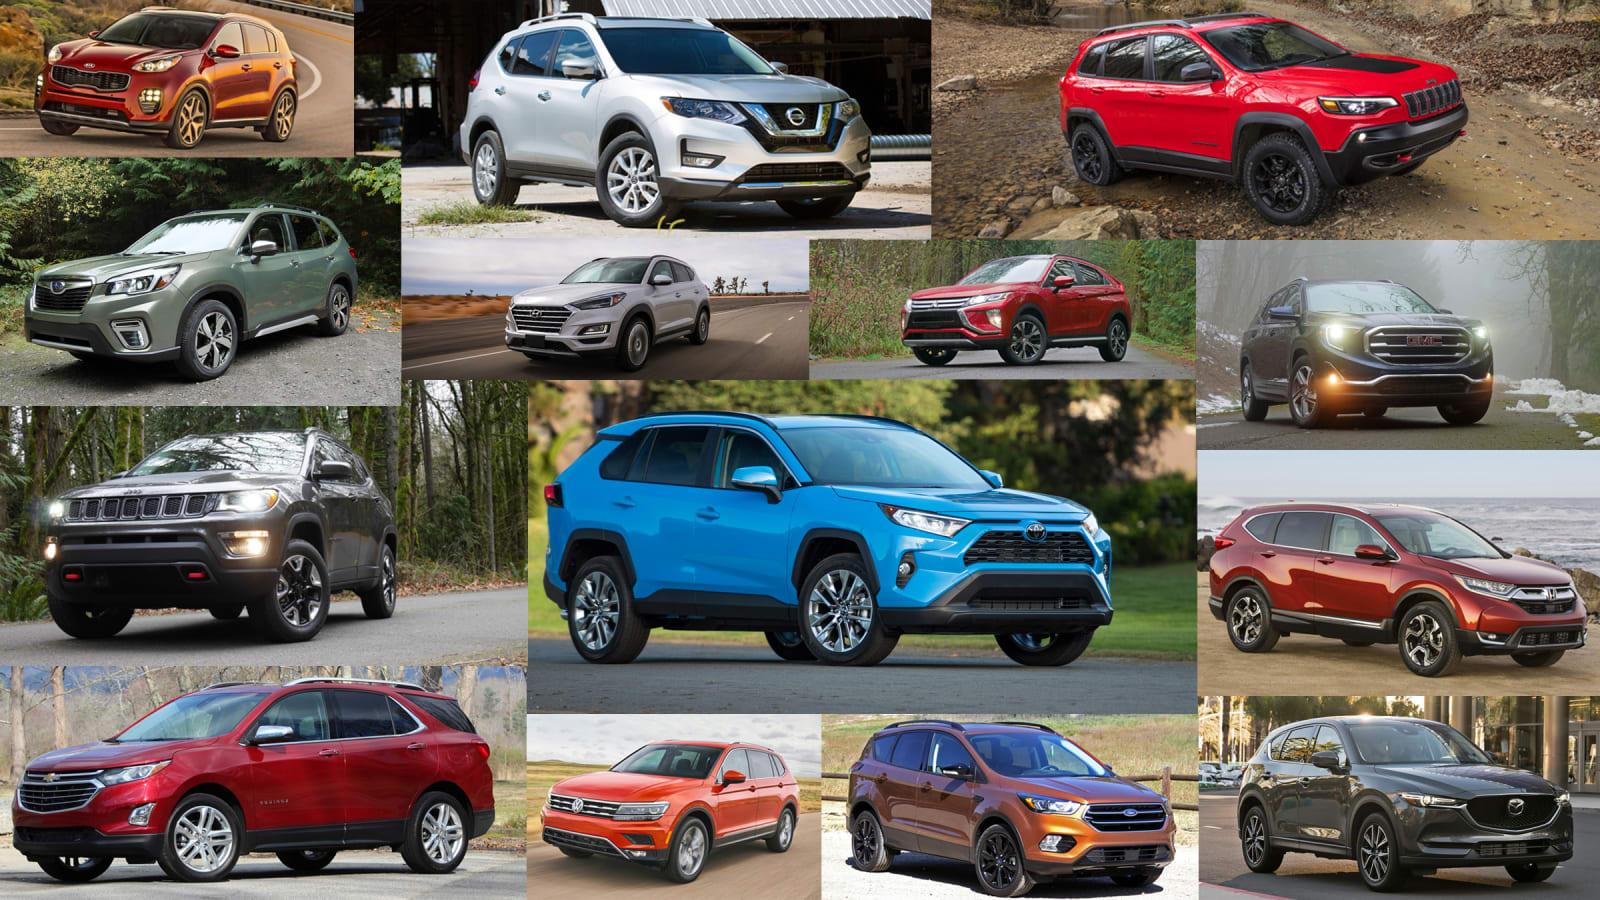 2020 Volkswagen Tiguan Safety Recalls